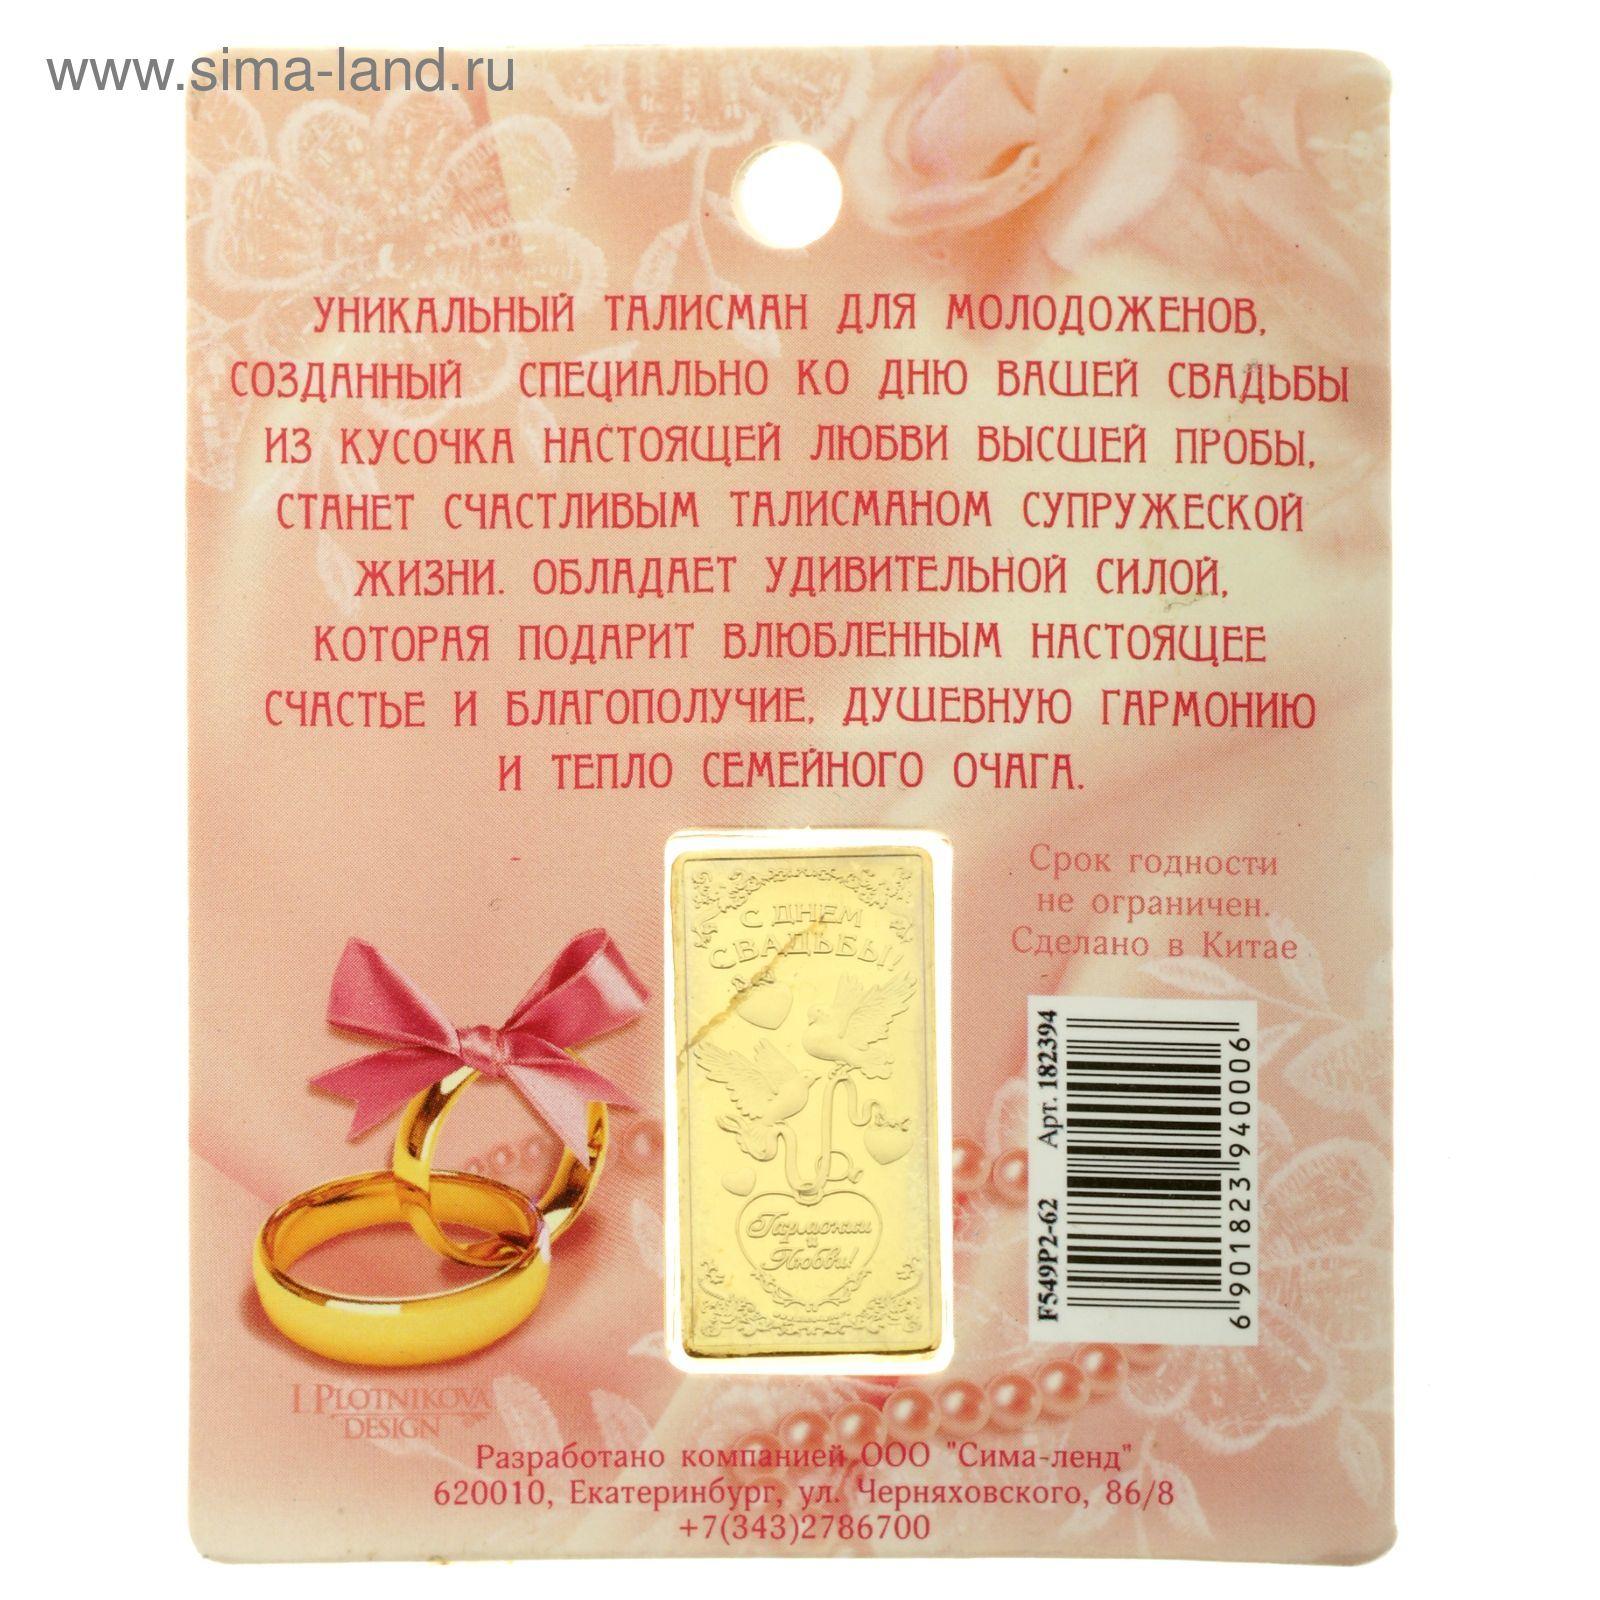 прикольные поздравления к подарку кольцо мужчине рекомендуем инал хорошее